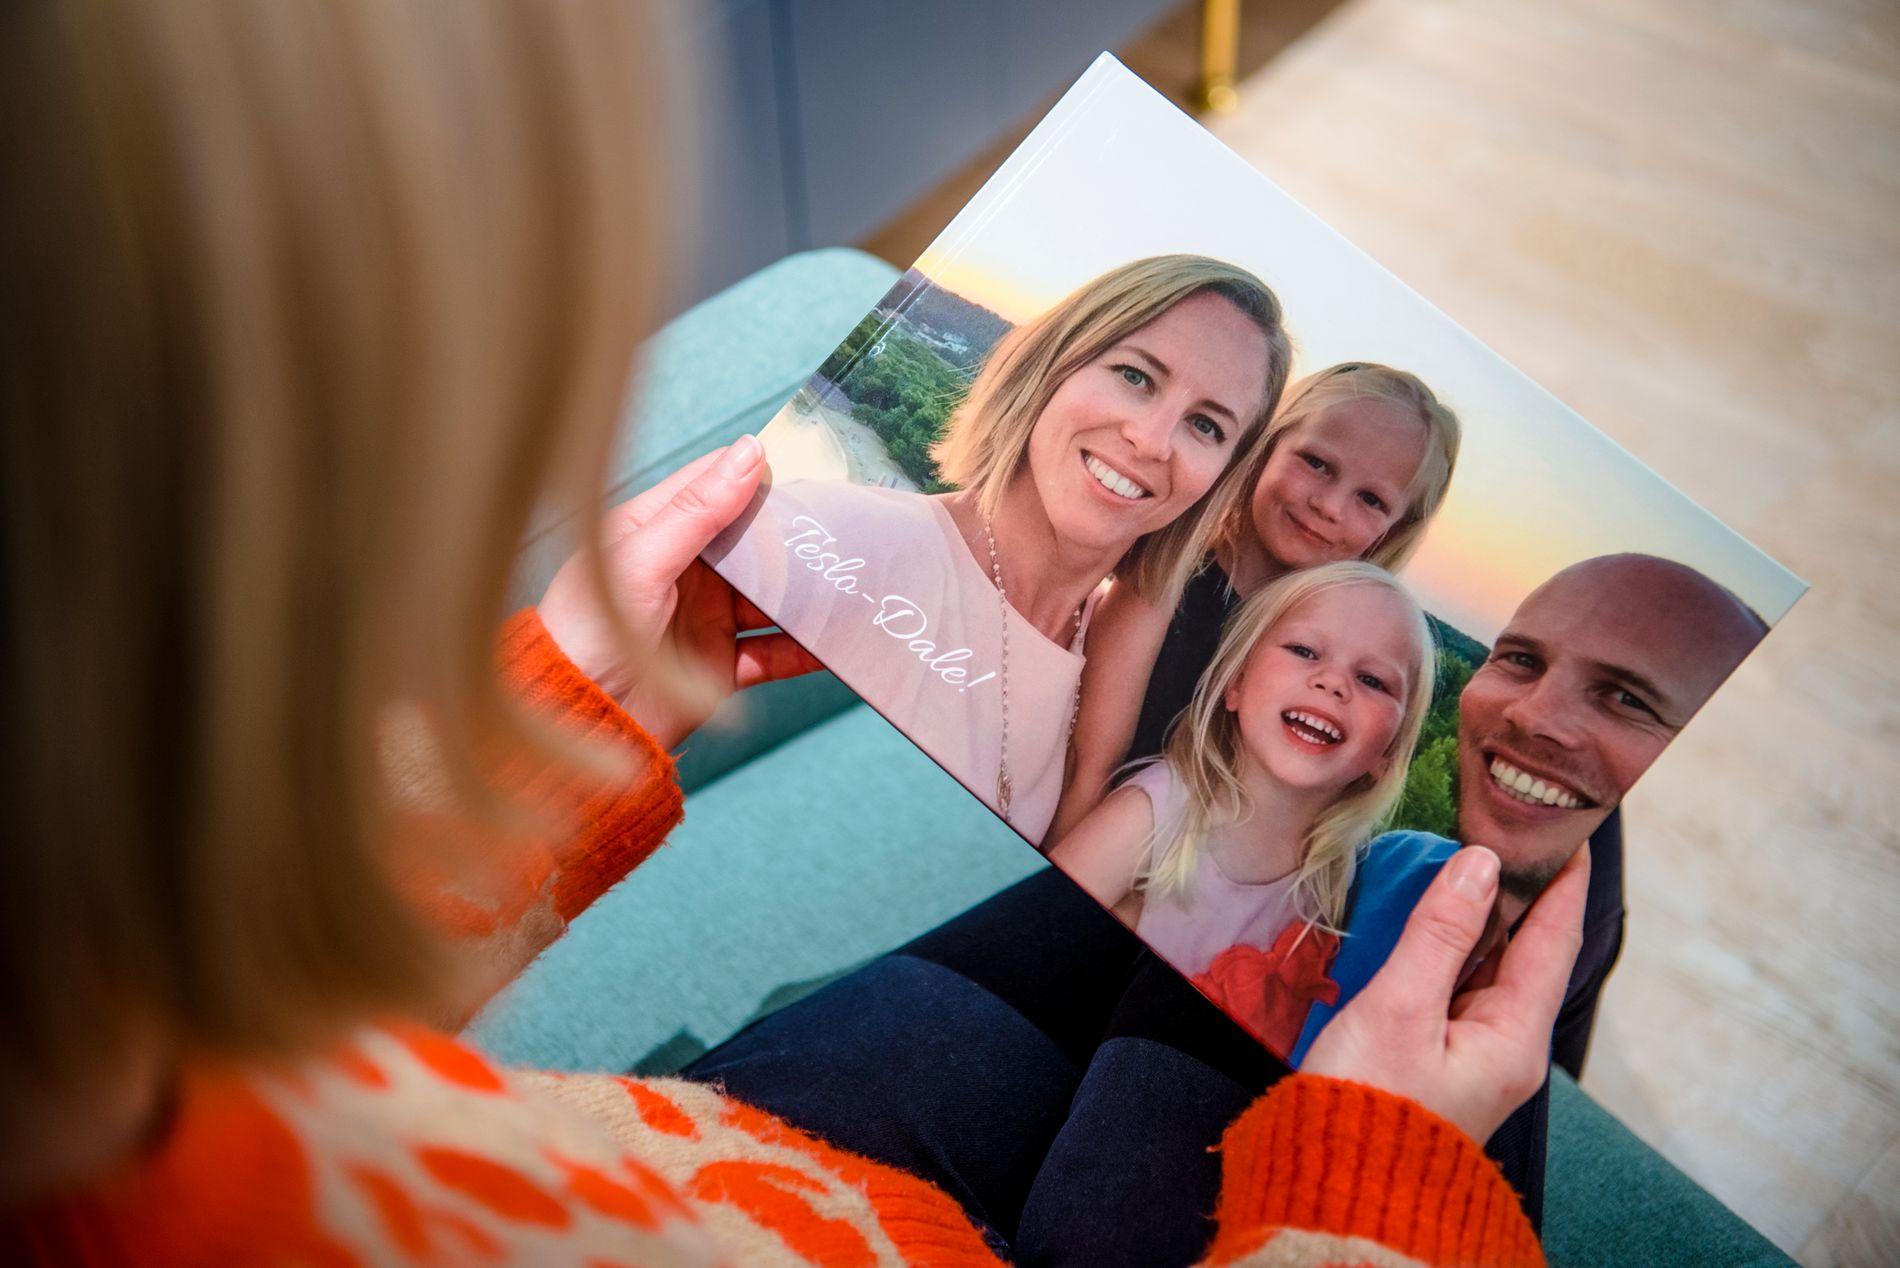 FINT MINNE: Slik ble forsiden på familiens fotobok seende ut.